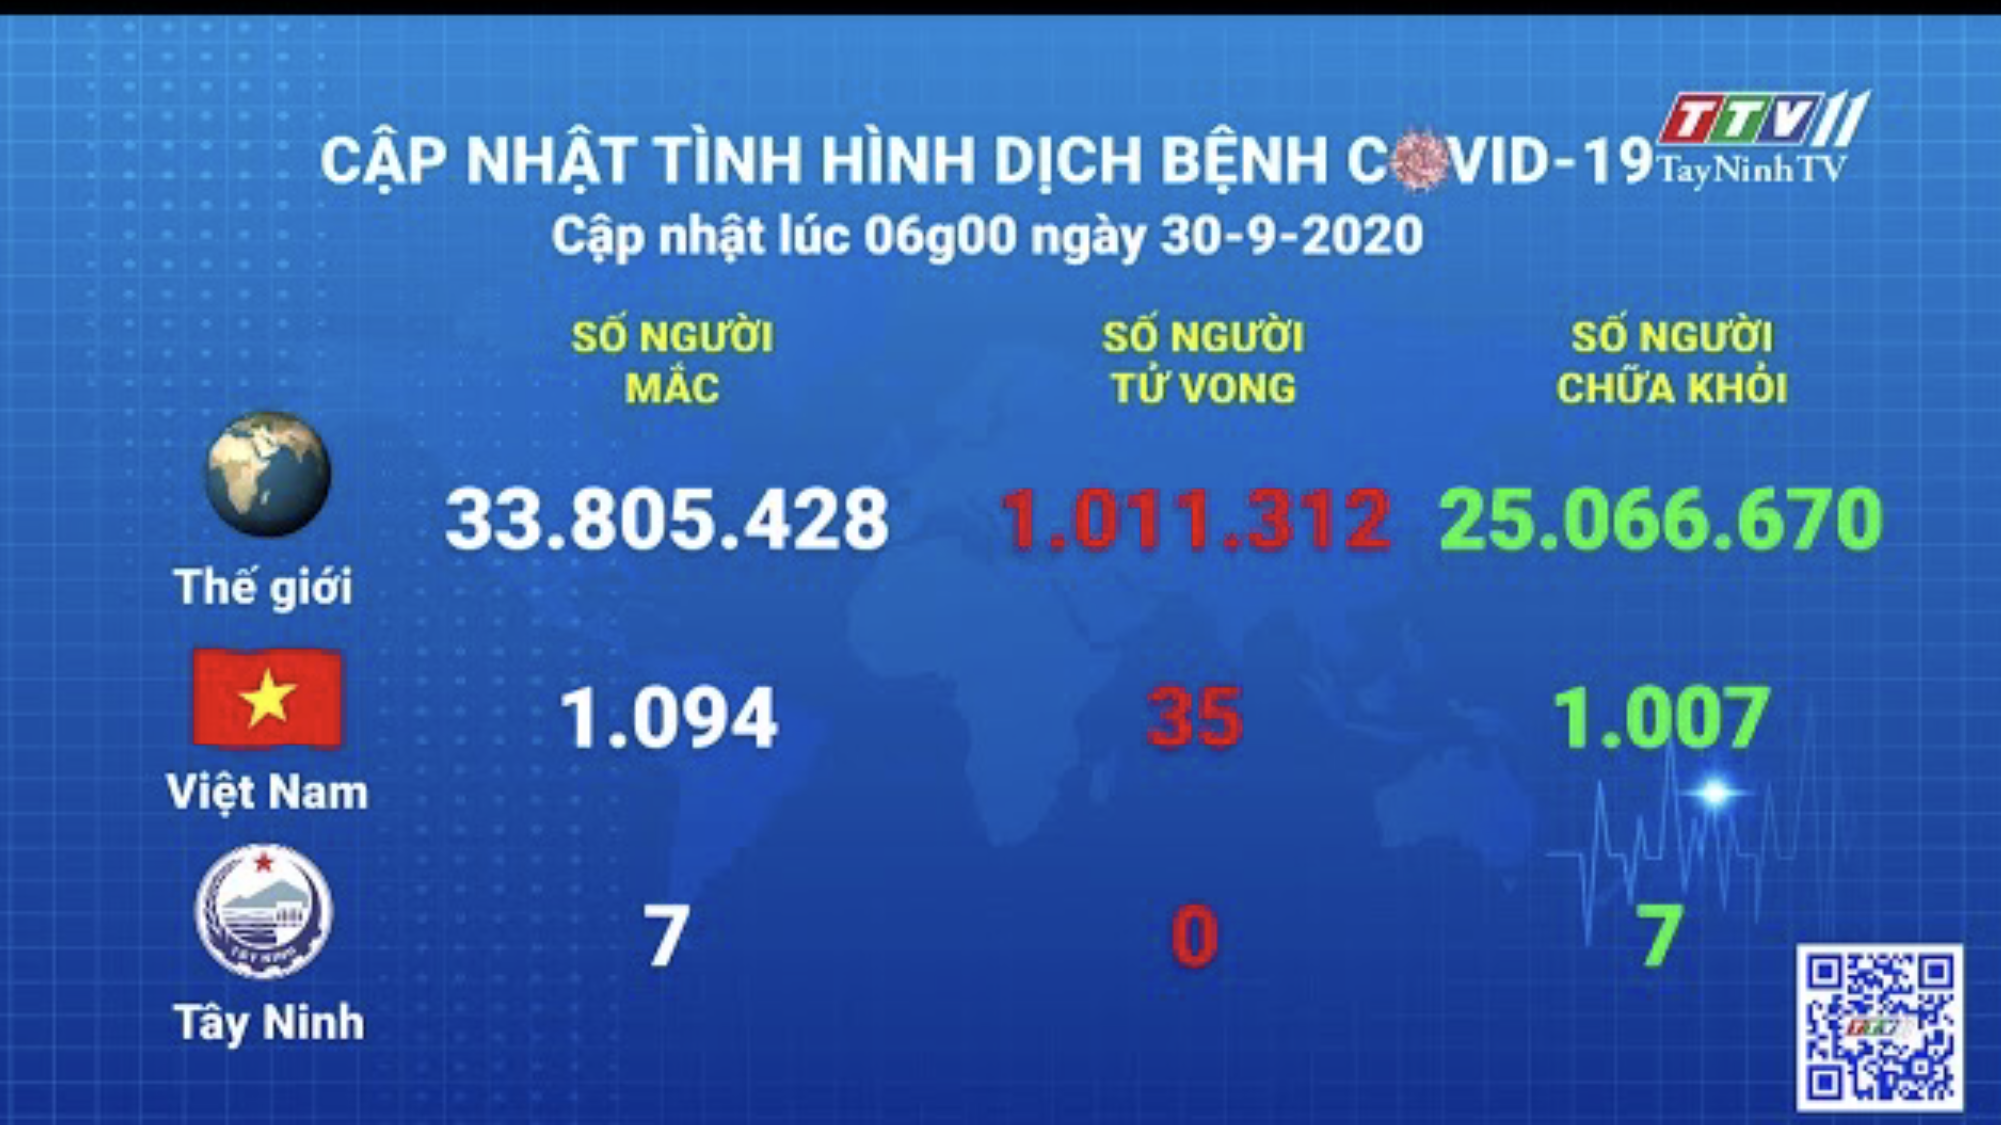 Cập nhật tình hình Covid-19 vào lúc 06 giờ 30-9-2020 | Thông tin dịch Covid-19 | TayNinhTV